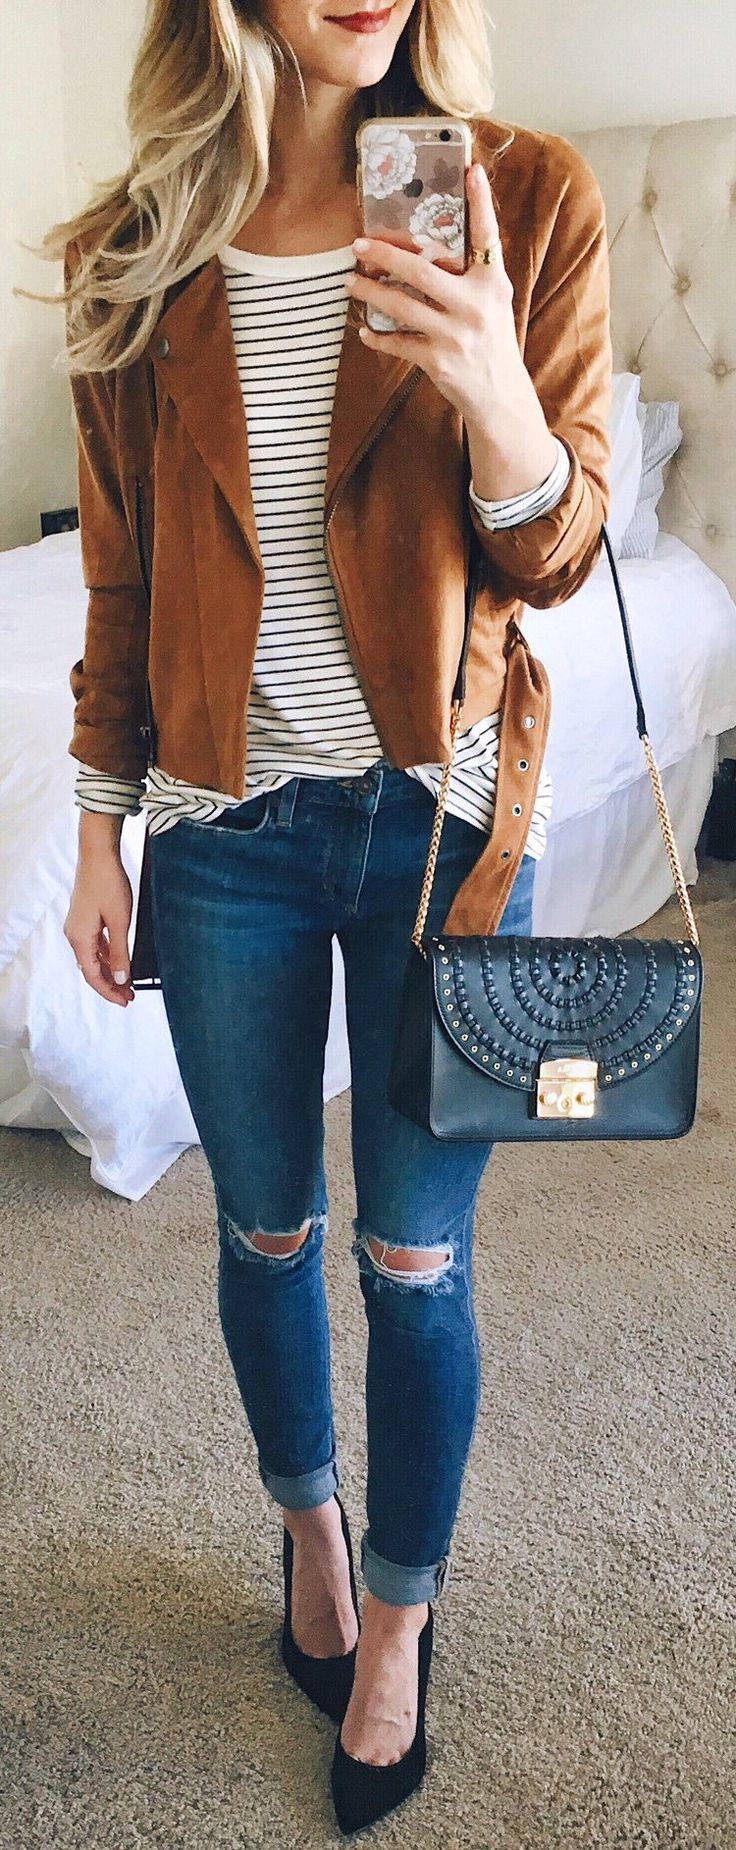 Brown Leather Jacket / Destroyed Skinny Jeans / Black Leather Shoulder Bag / Striped Top / Black Pumps